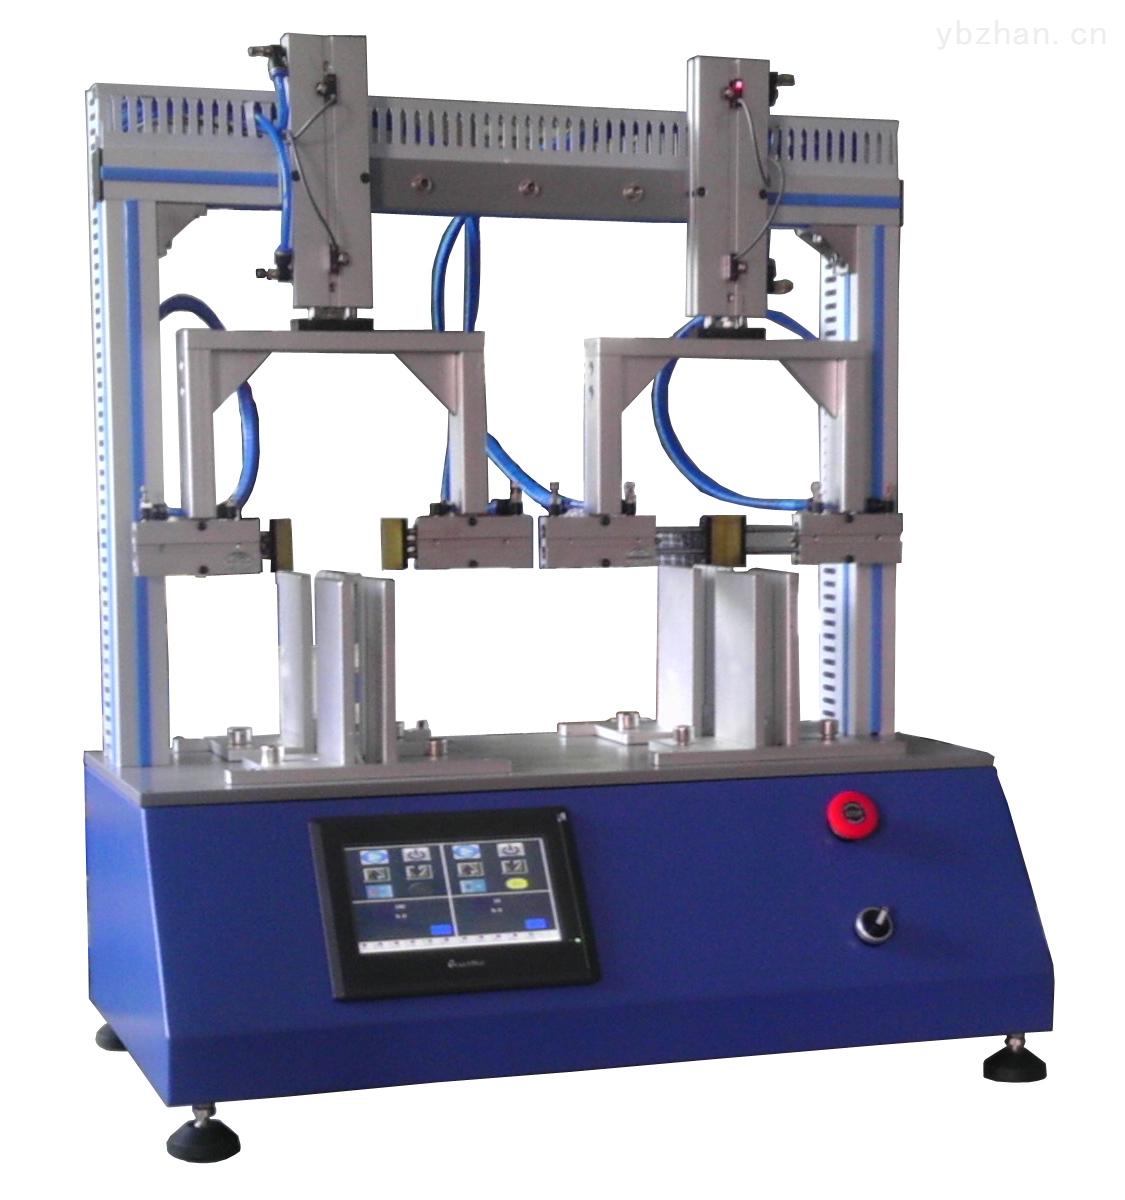 電子產品小物品跌落試驗機生產